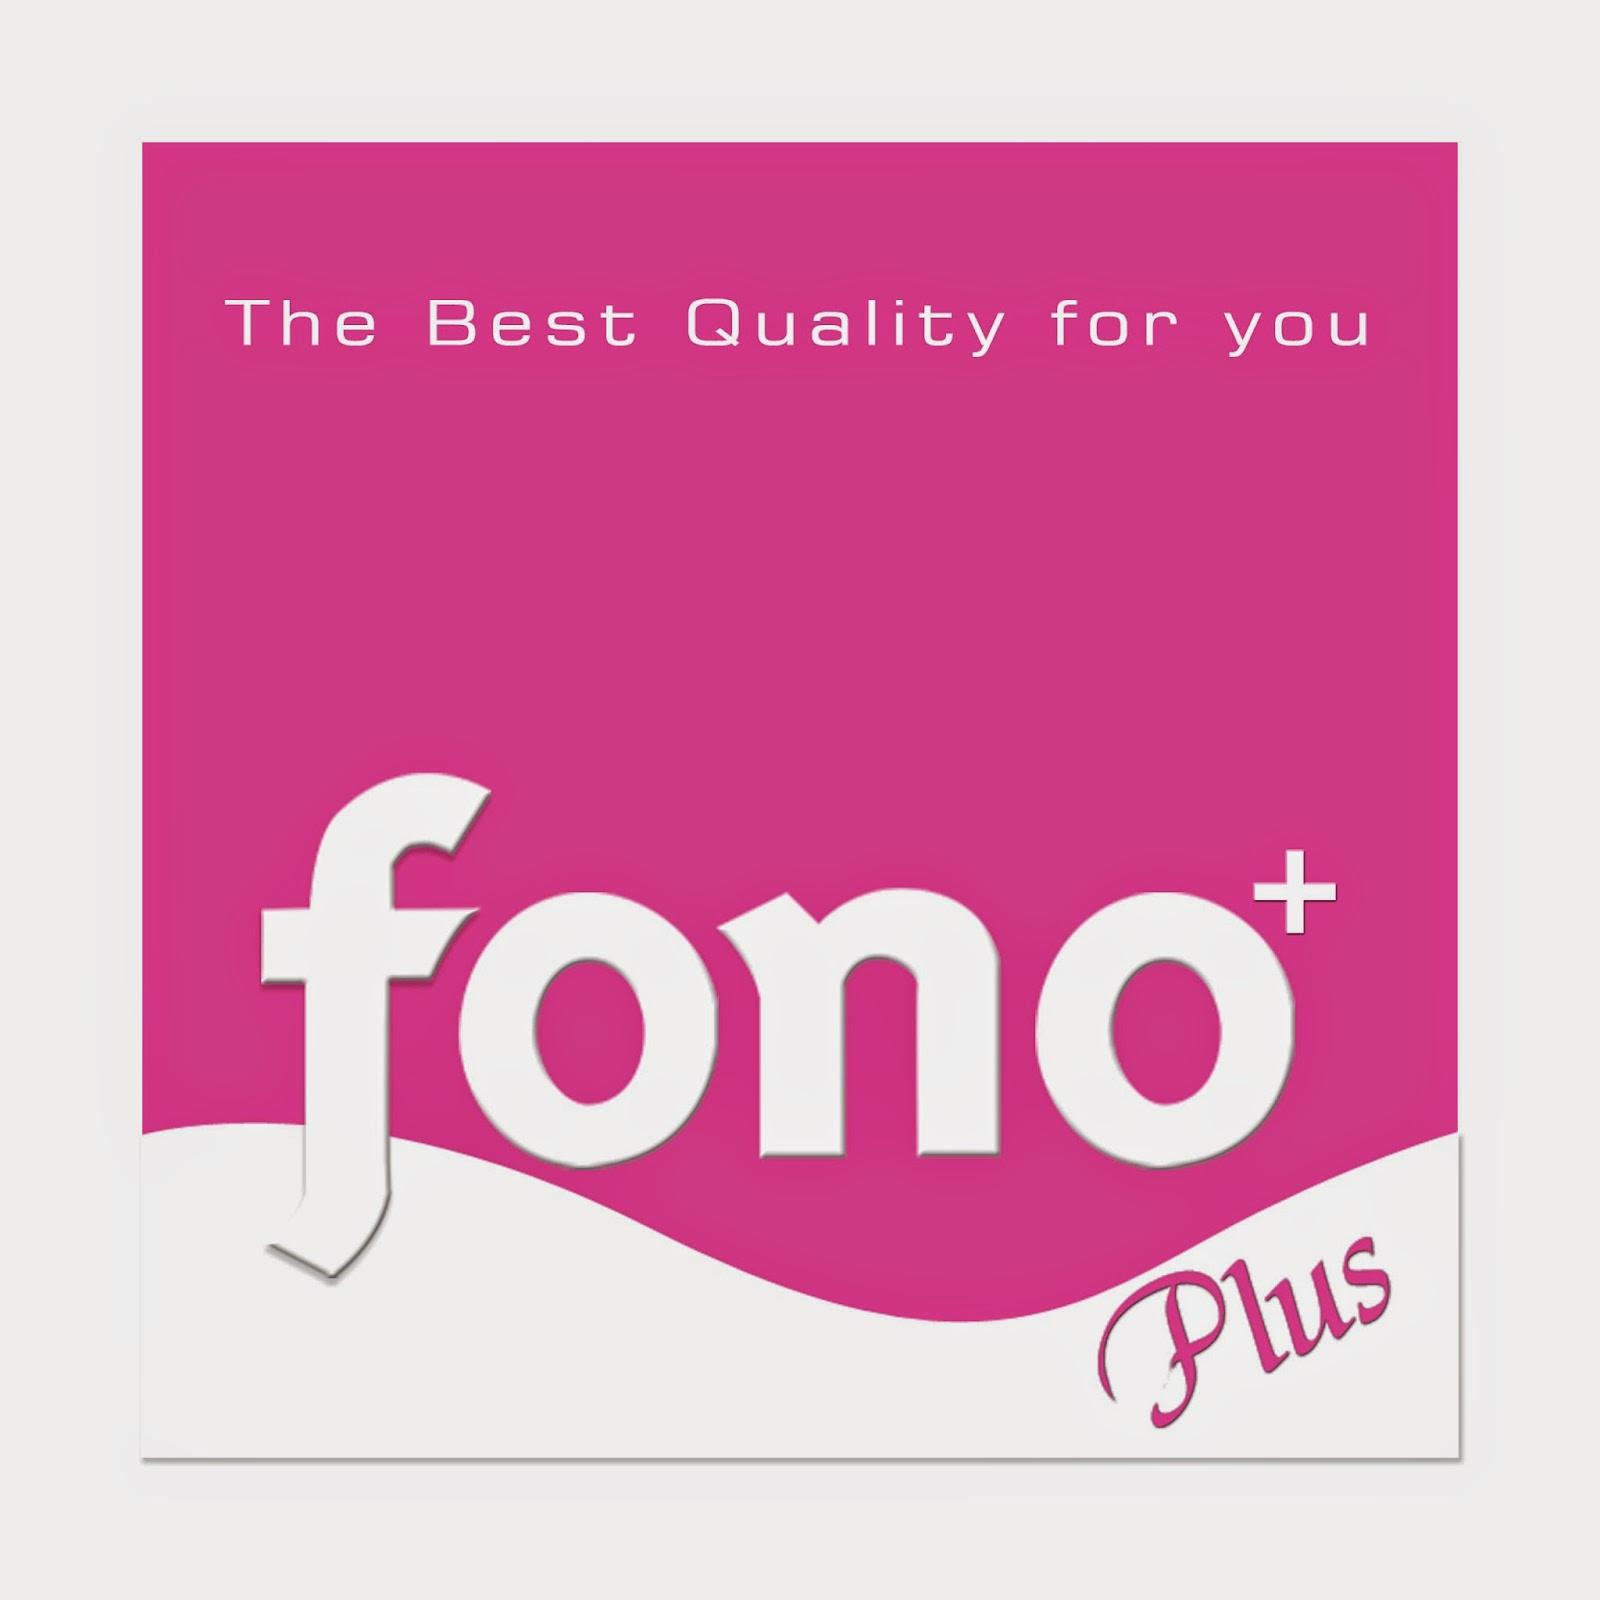 Fono Plus